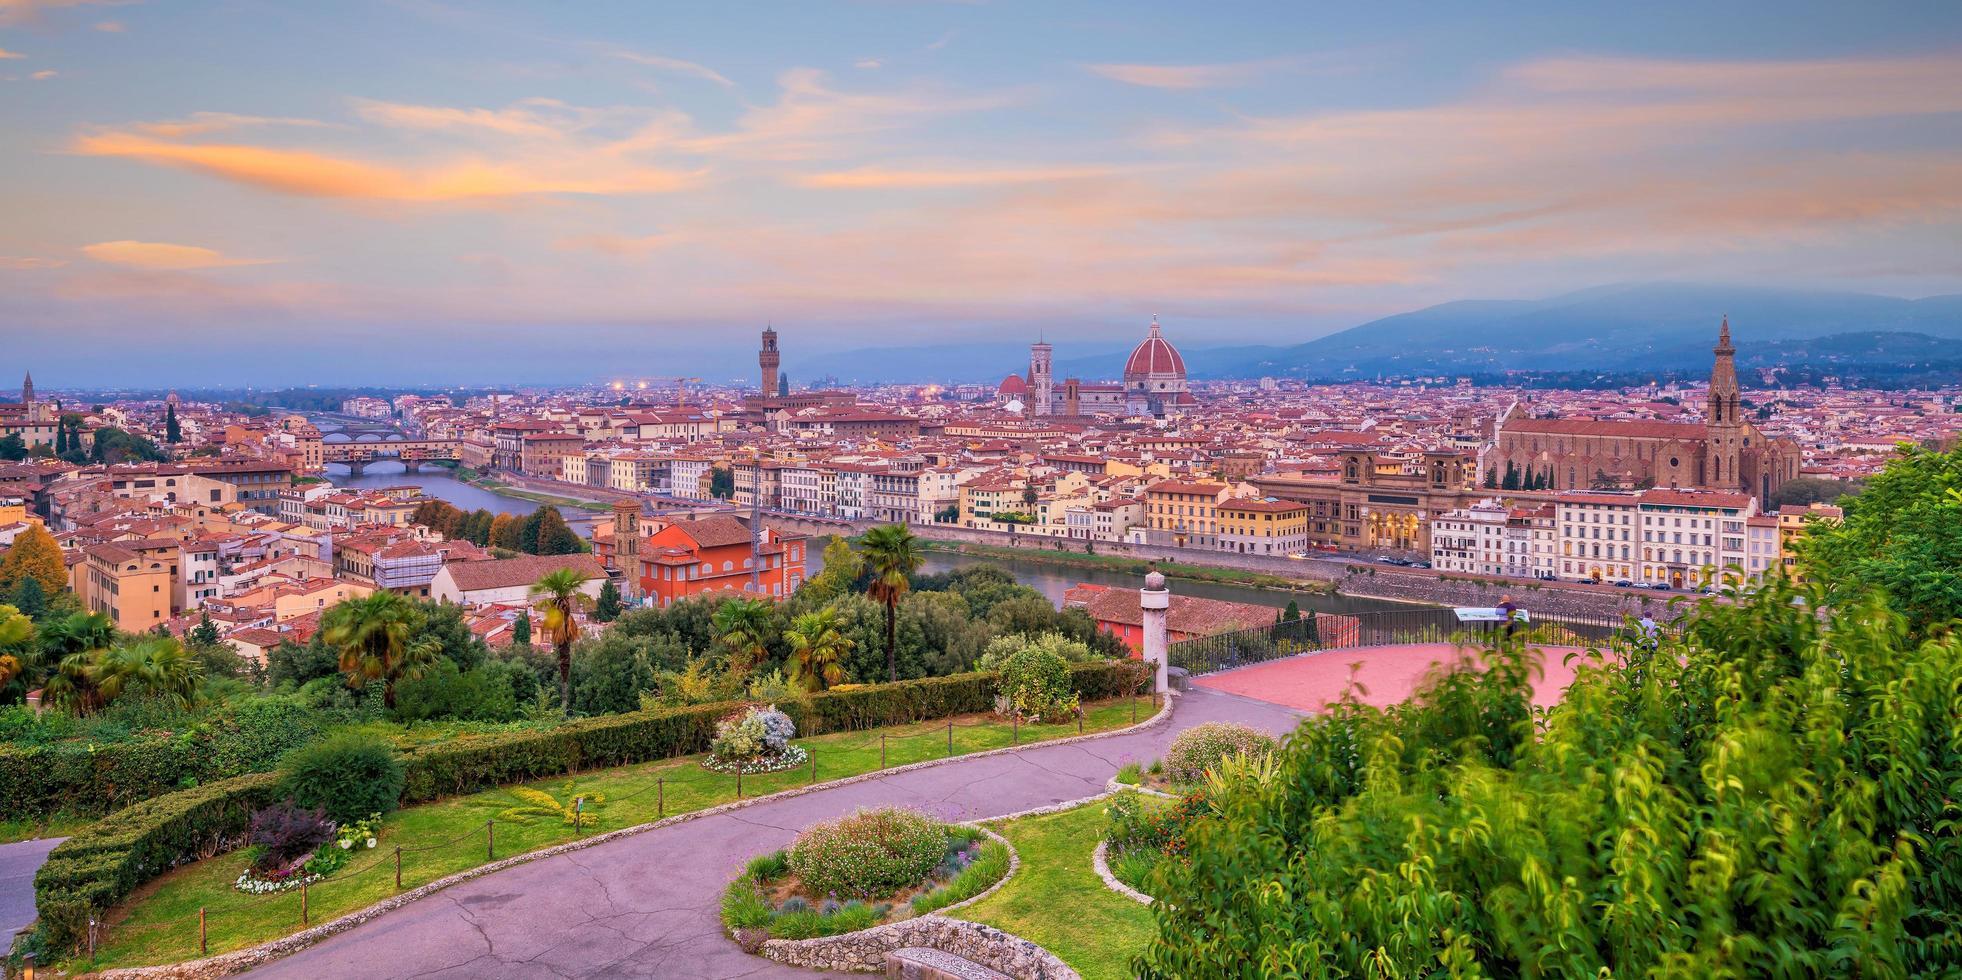 vista do horizonte da cidade de florença vista de cima ao pôr do sol foto